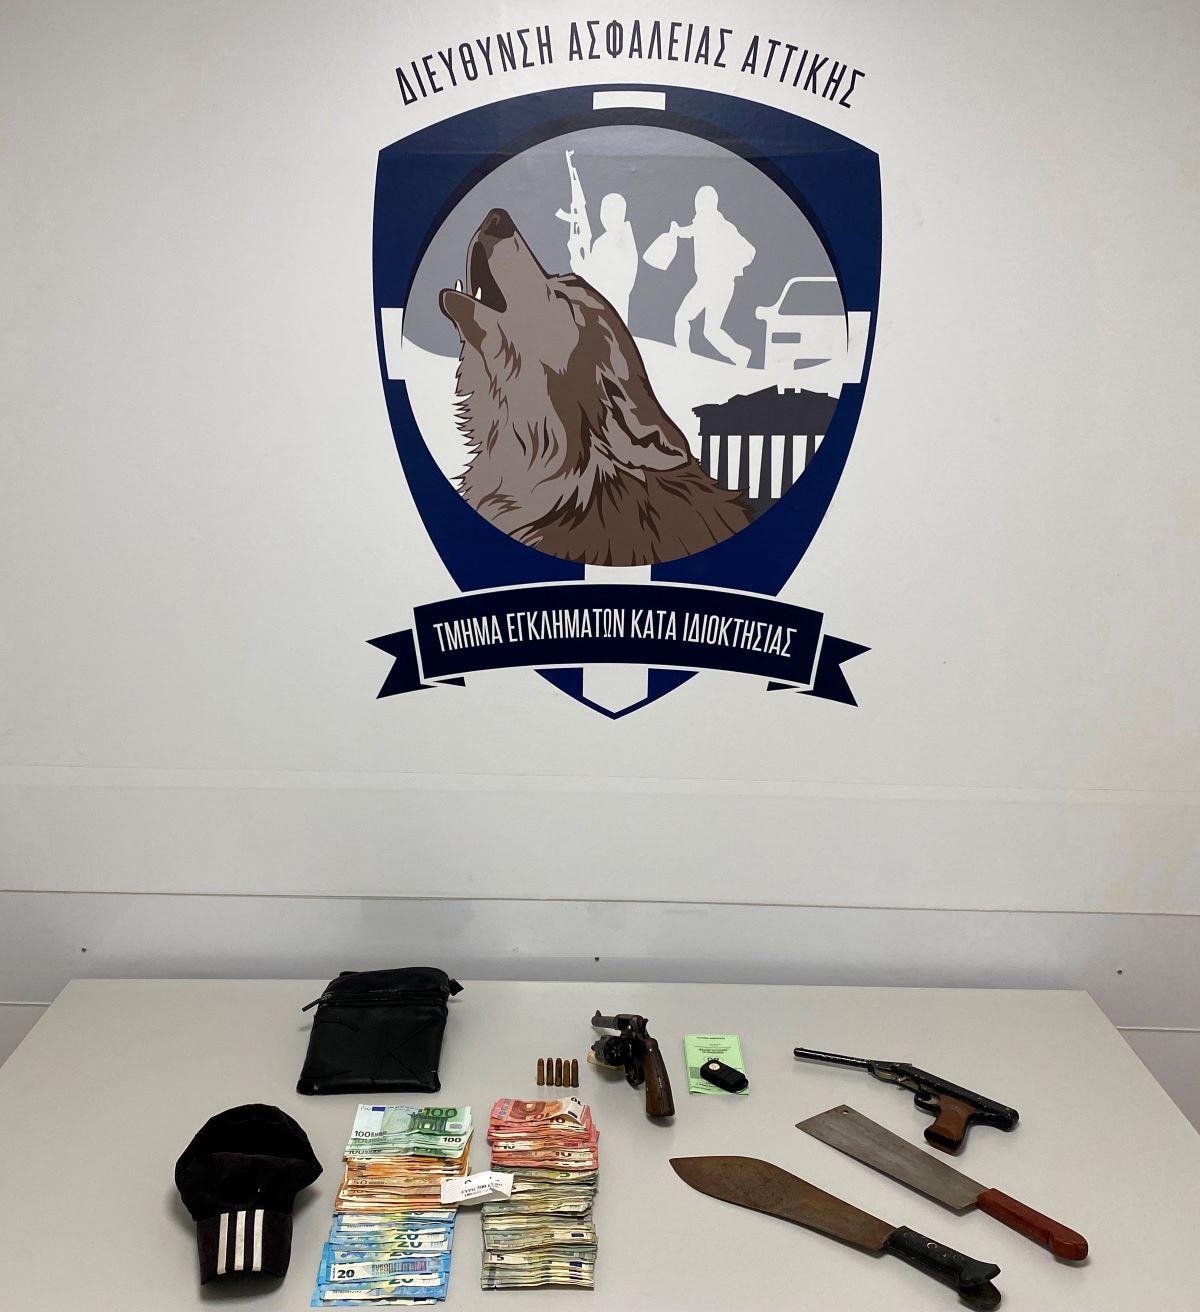 Περιστέρι: Ο ληστής τράπεζας ήταν δραπέτης με βαρύ ποινικό παρελθόν